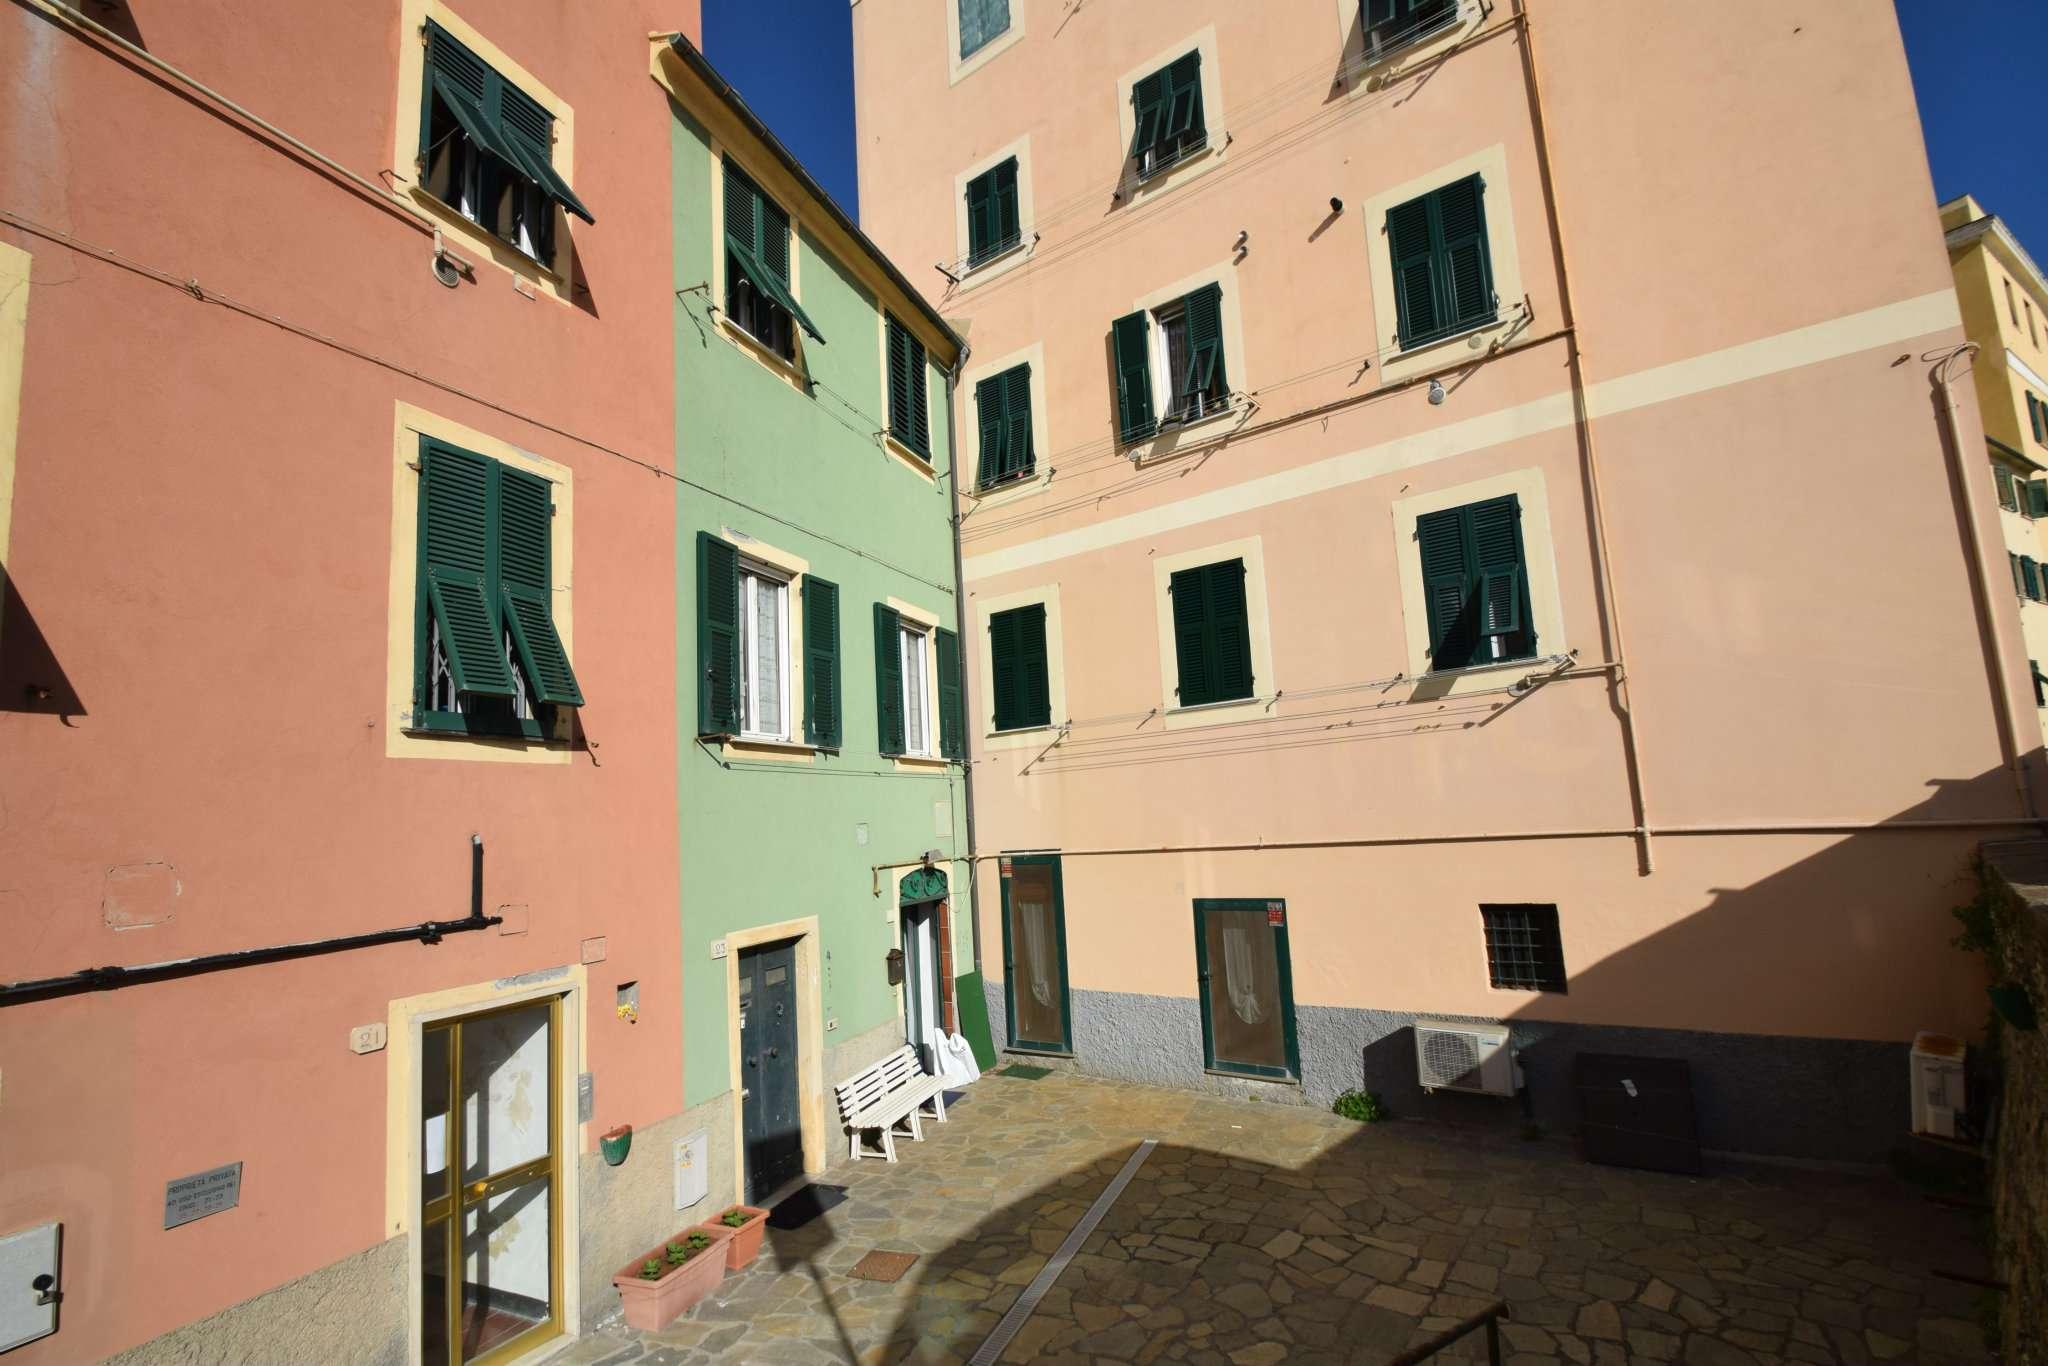 Foto 1 di Quadrilocale via VIA 5 MAGGIO, Genova (zona Boccadasse-Sturla)